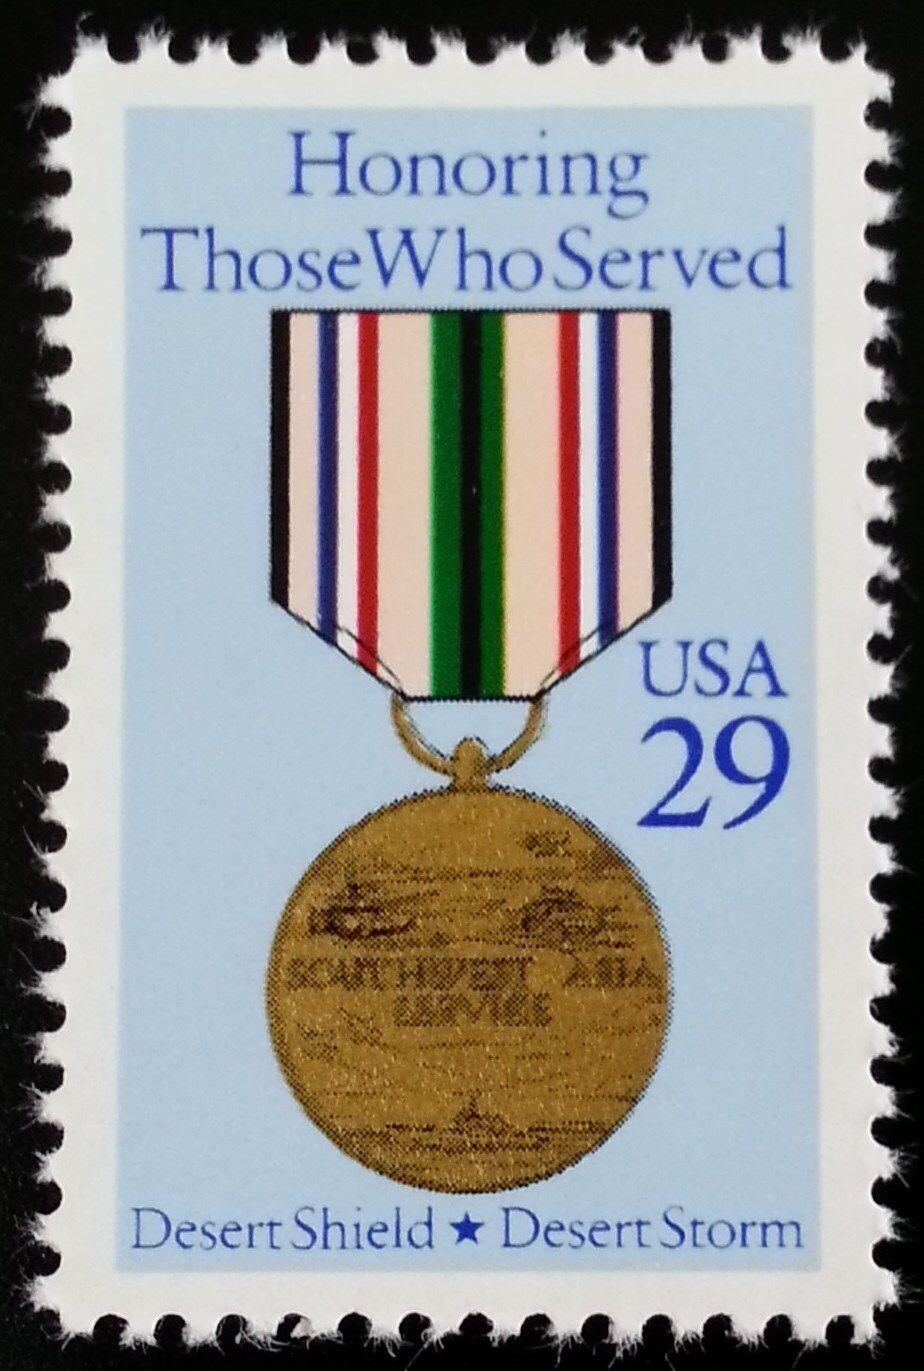 1991 29c Desert Shield/Desert Storm, Asia Service Medal